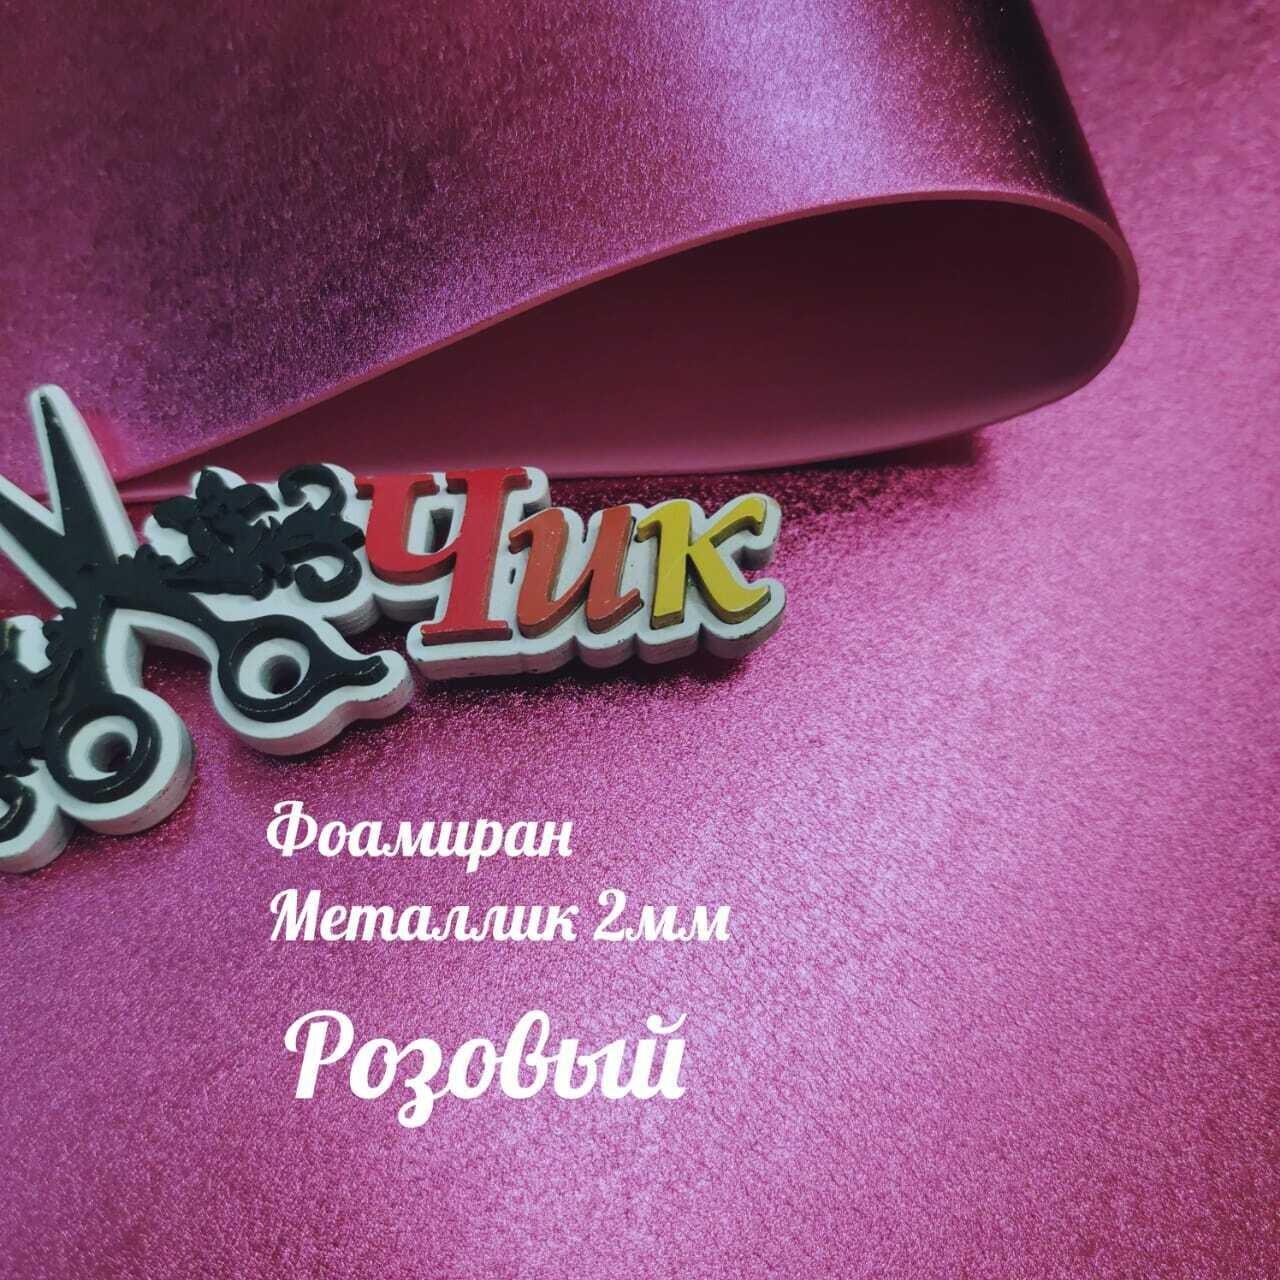 Фоамиран металлизированный 2 мм 60х70 см (Розовый)